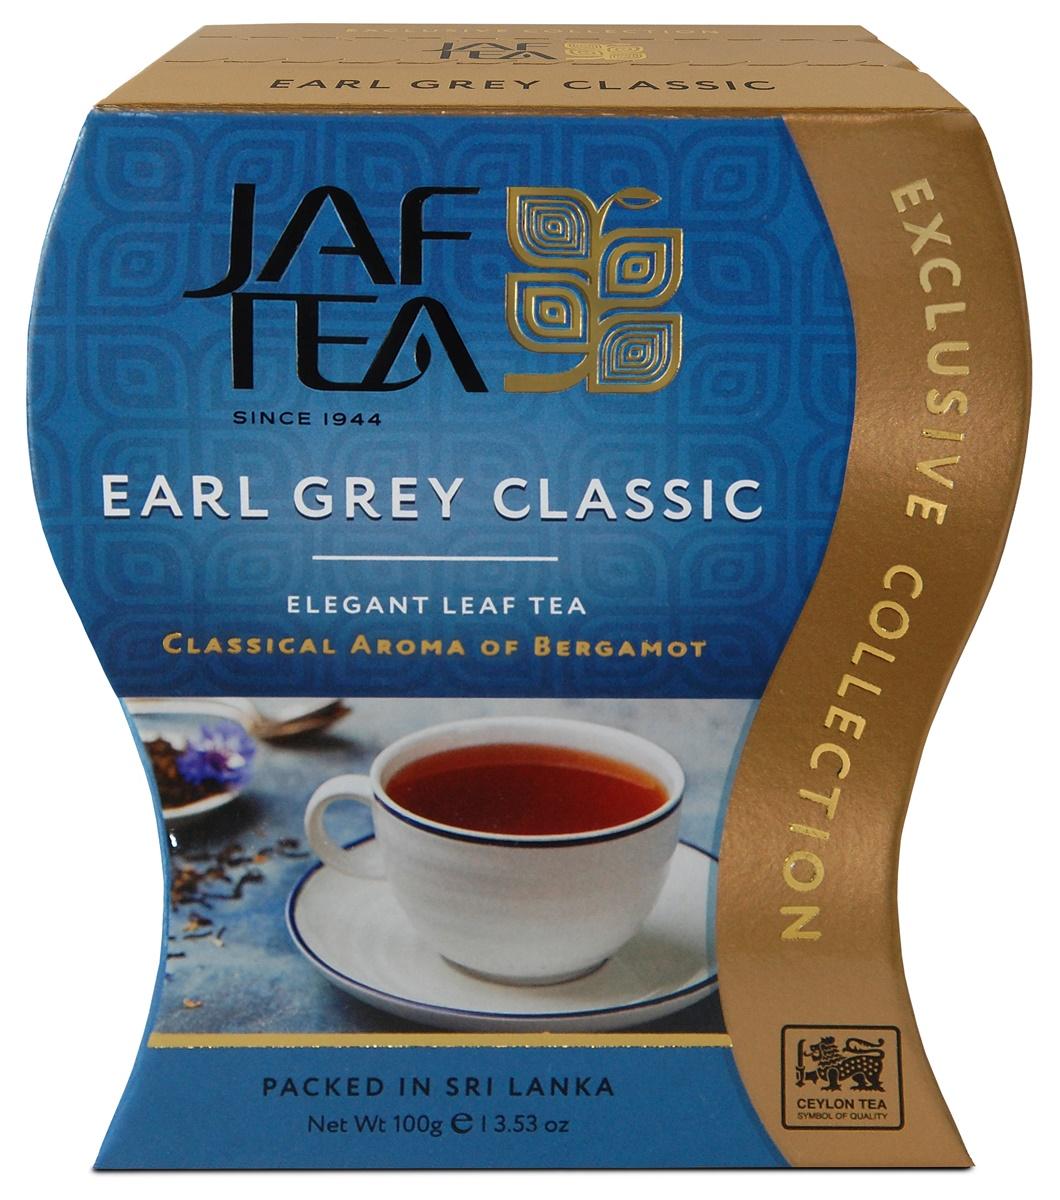 Jaf Tea Earl Grey Classic чай черный листовой с ароматом бергамота, 100 г jaf tea gunpowder чай зеленый листовой 100 г